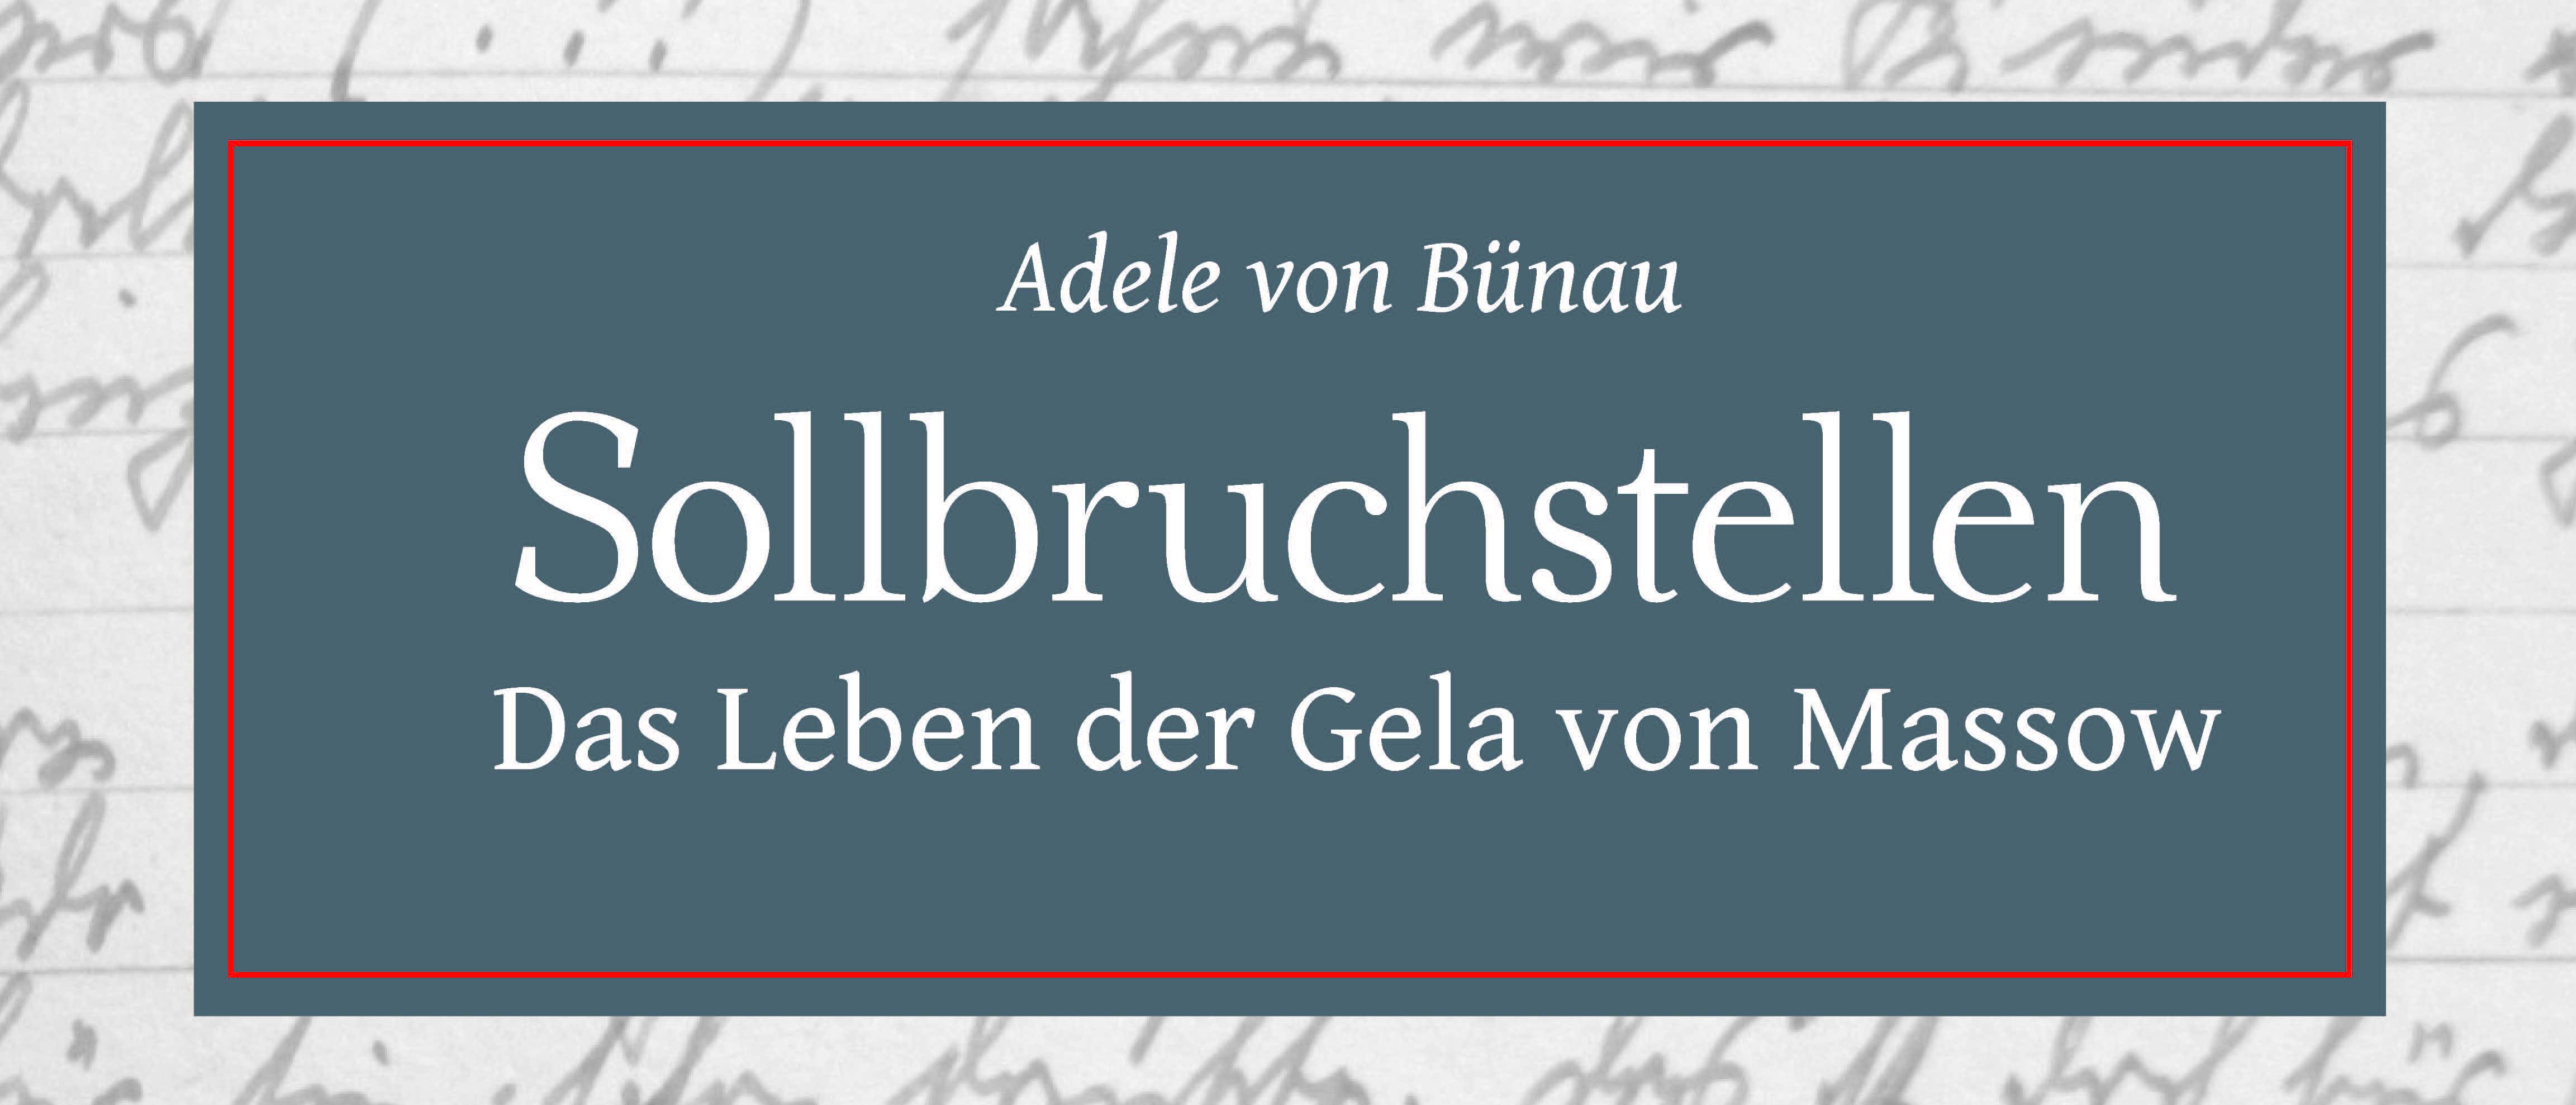 Adele-von-Buenau